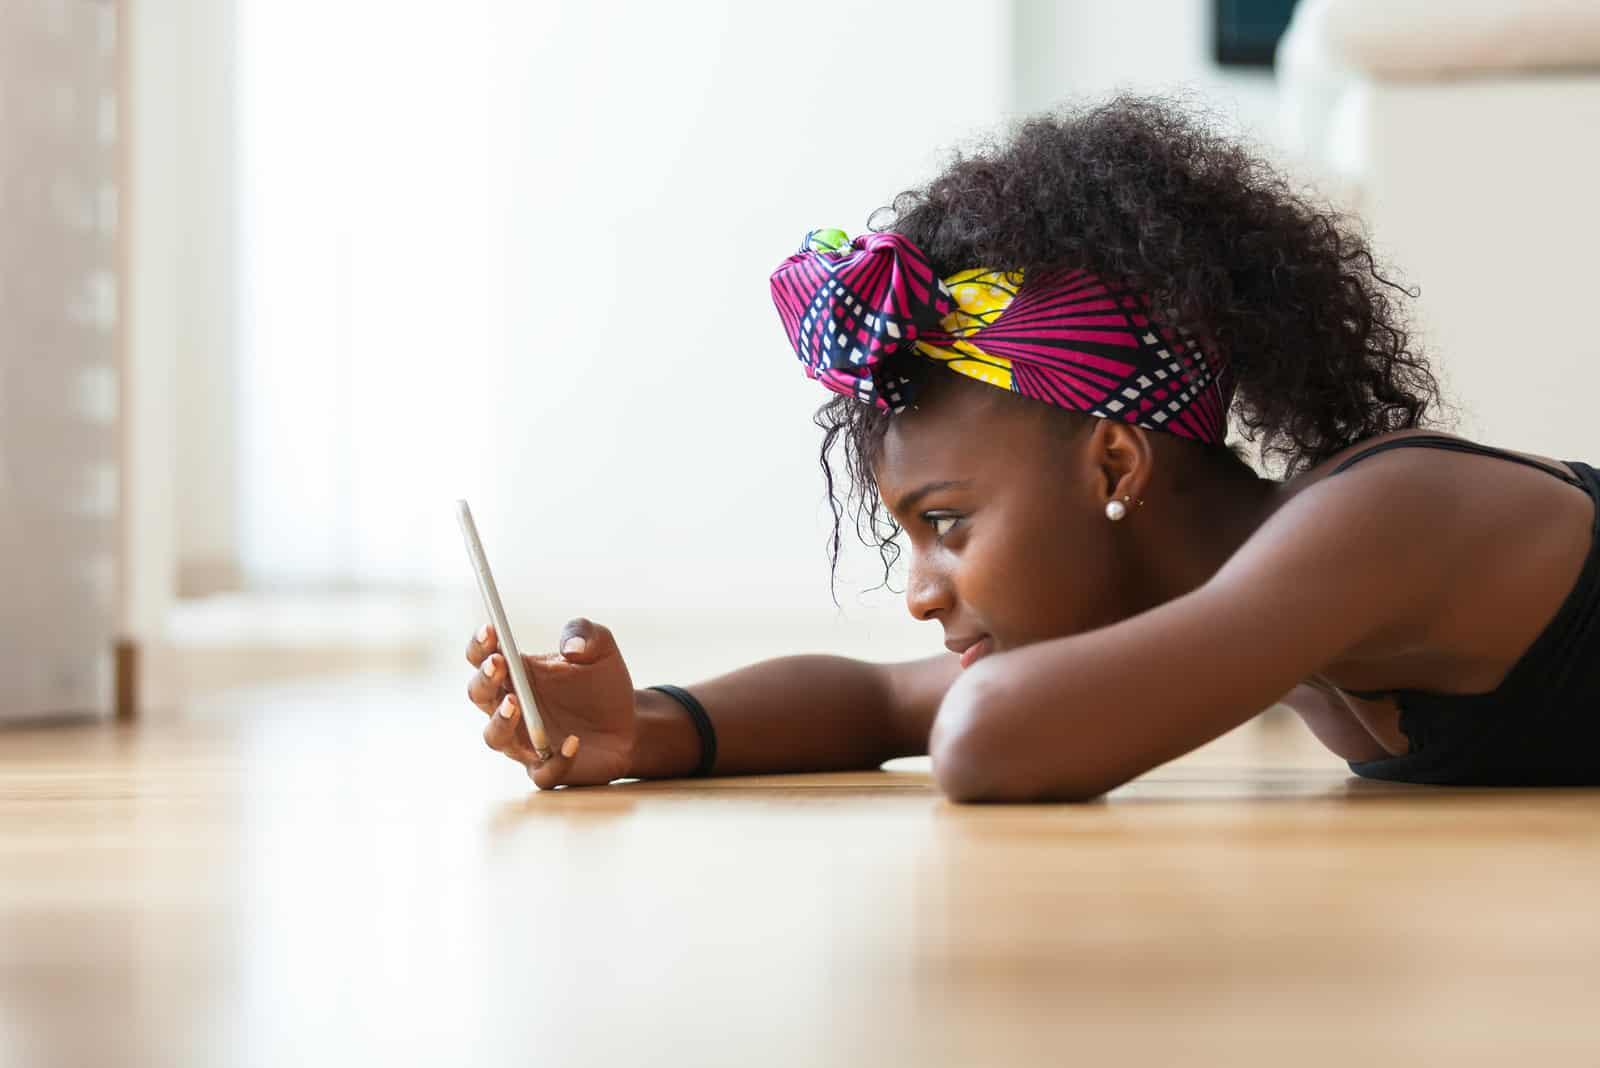 femme envoyant un message texte sur un téléphone mobile